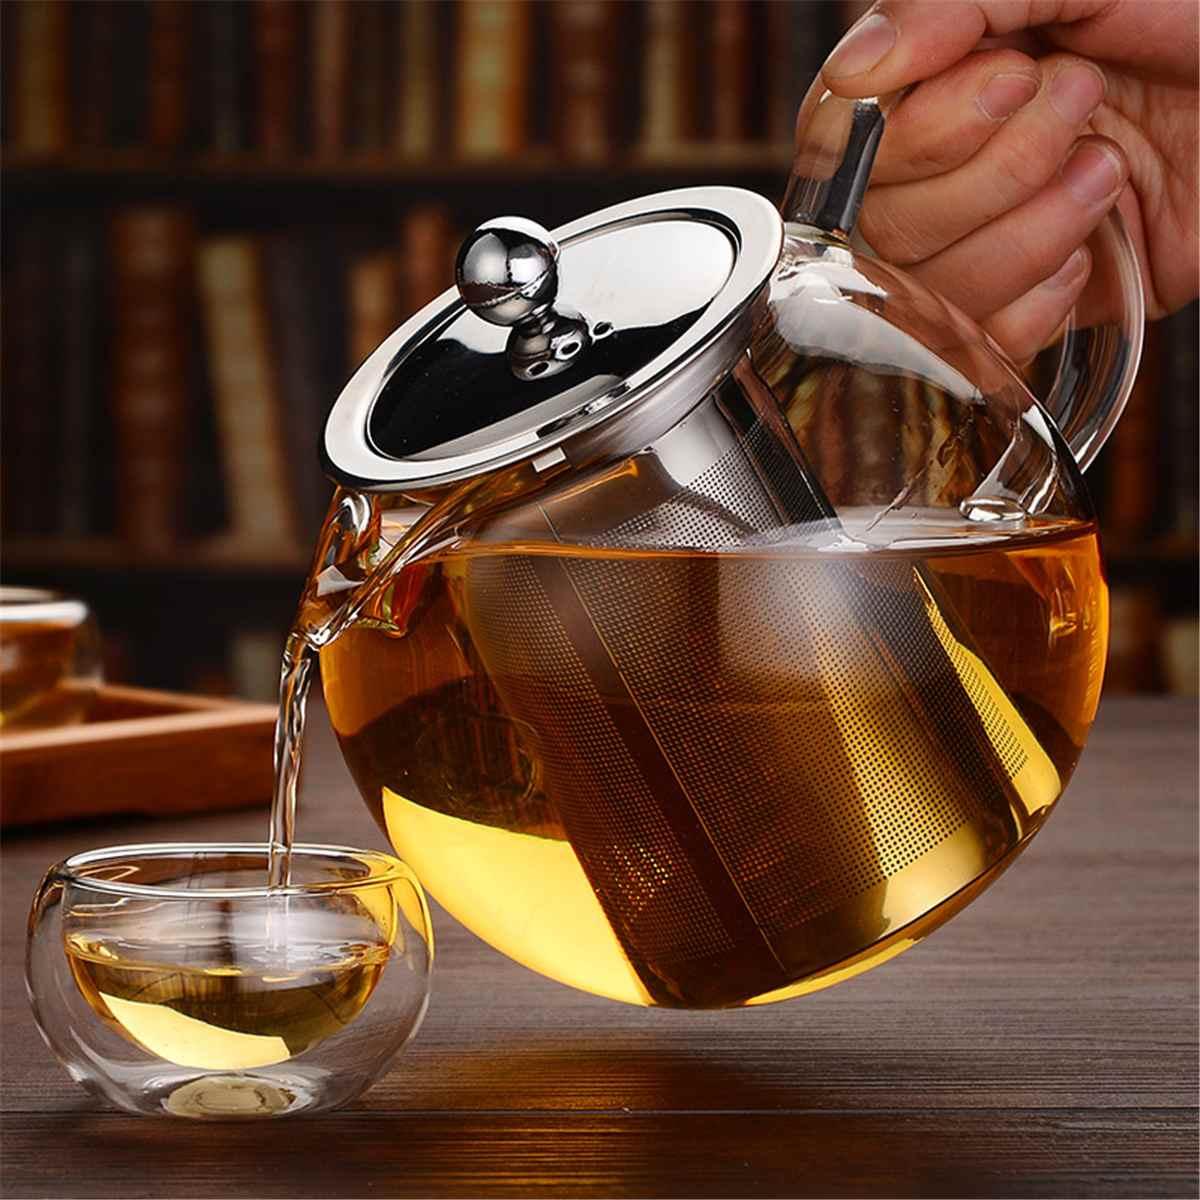 600/950/1300 مللي زجاج إبريق الشاي من الفولاذ المقاوم للصدأ مع Infuser تصفية غطاء مقاومة للحرارة براد شاي غلاية المنزل مكتب teبينة مجموعة